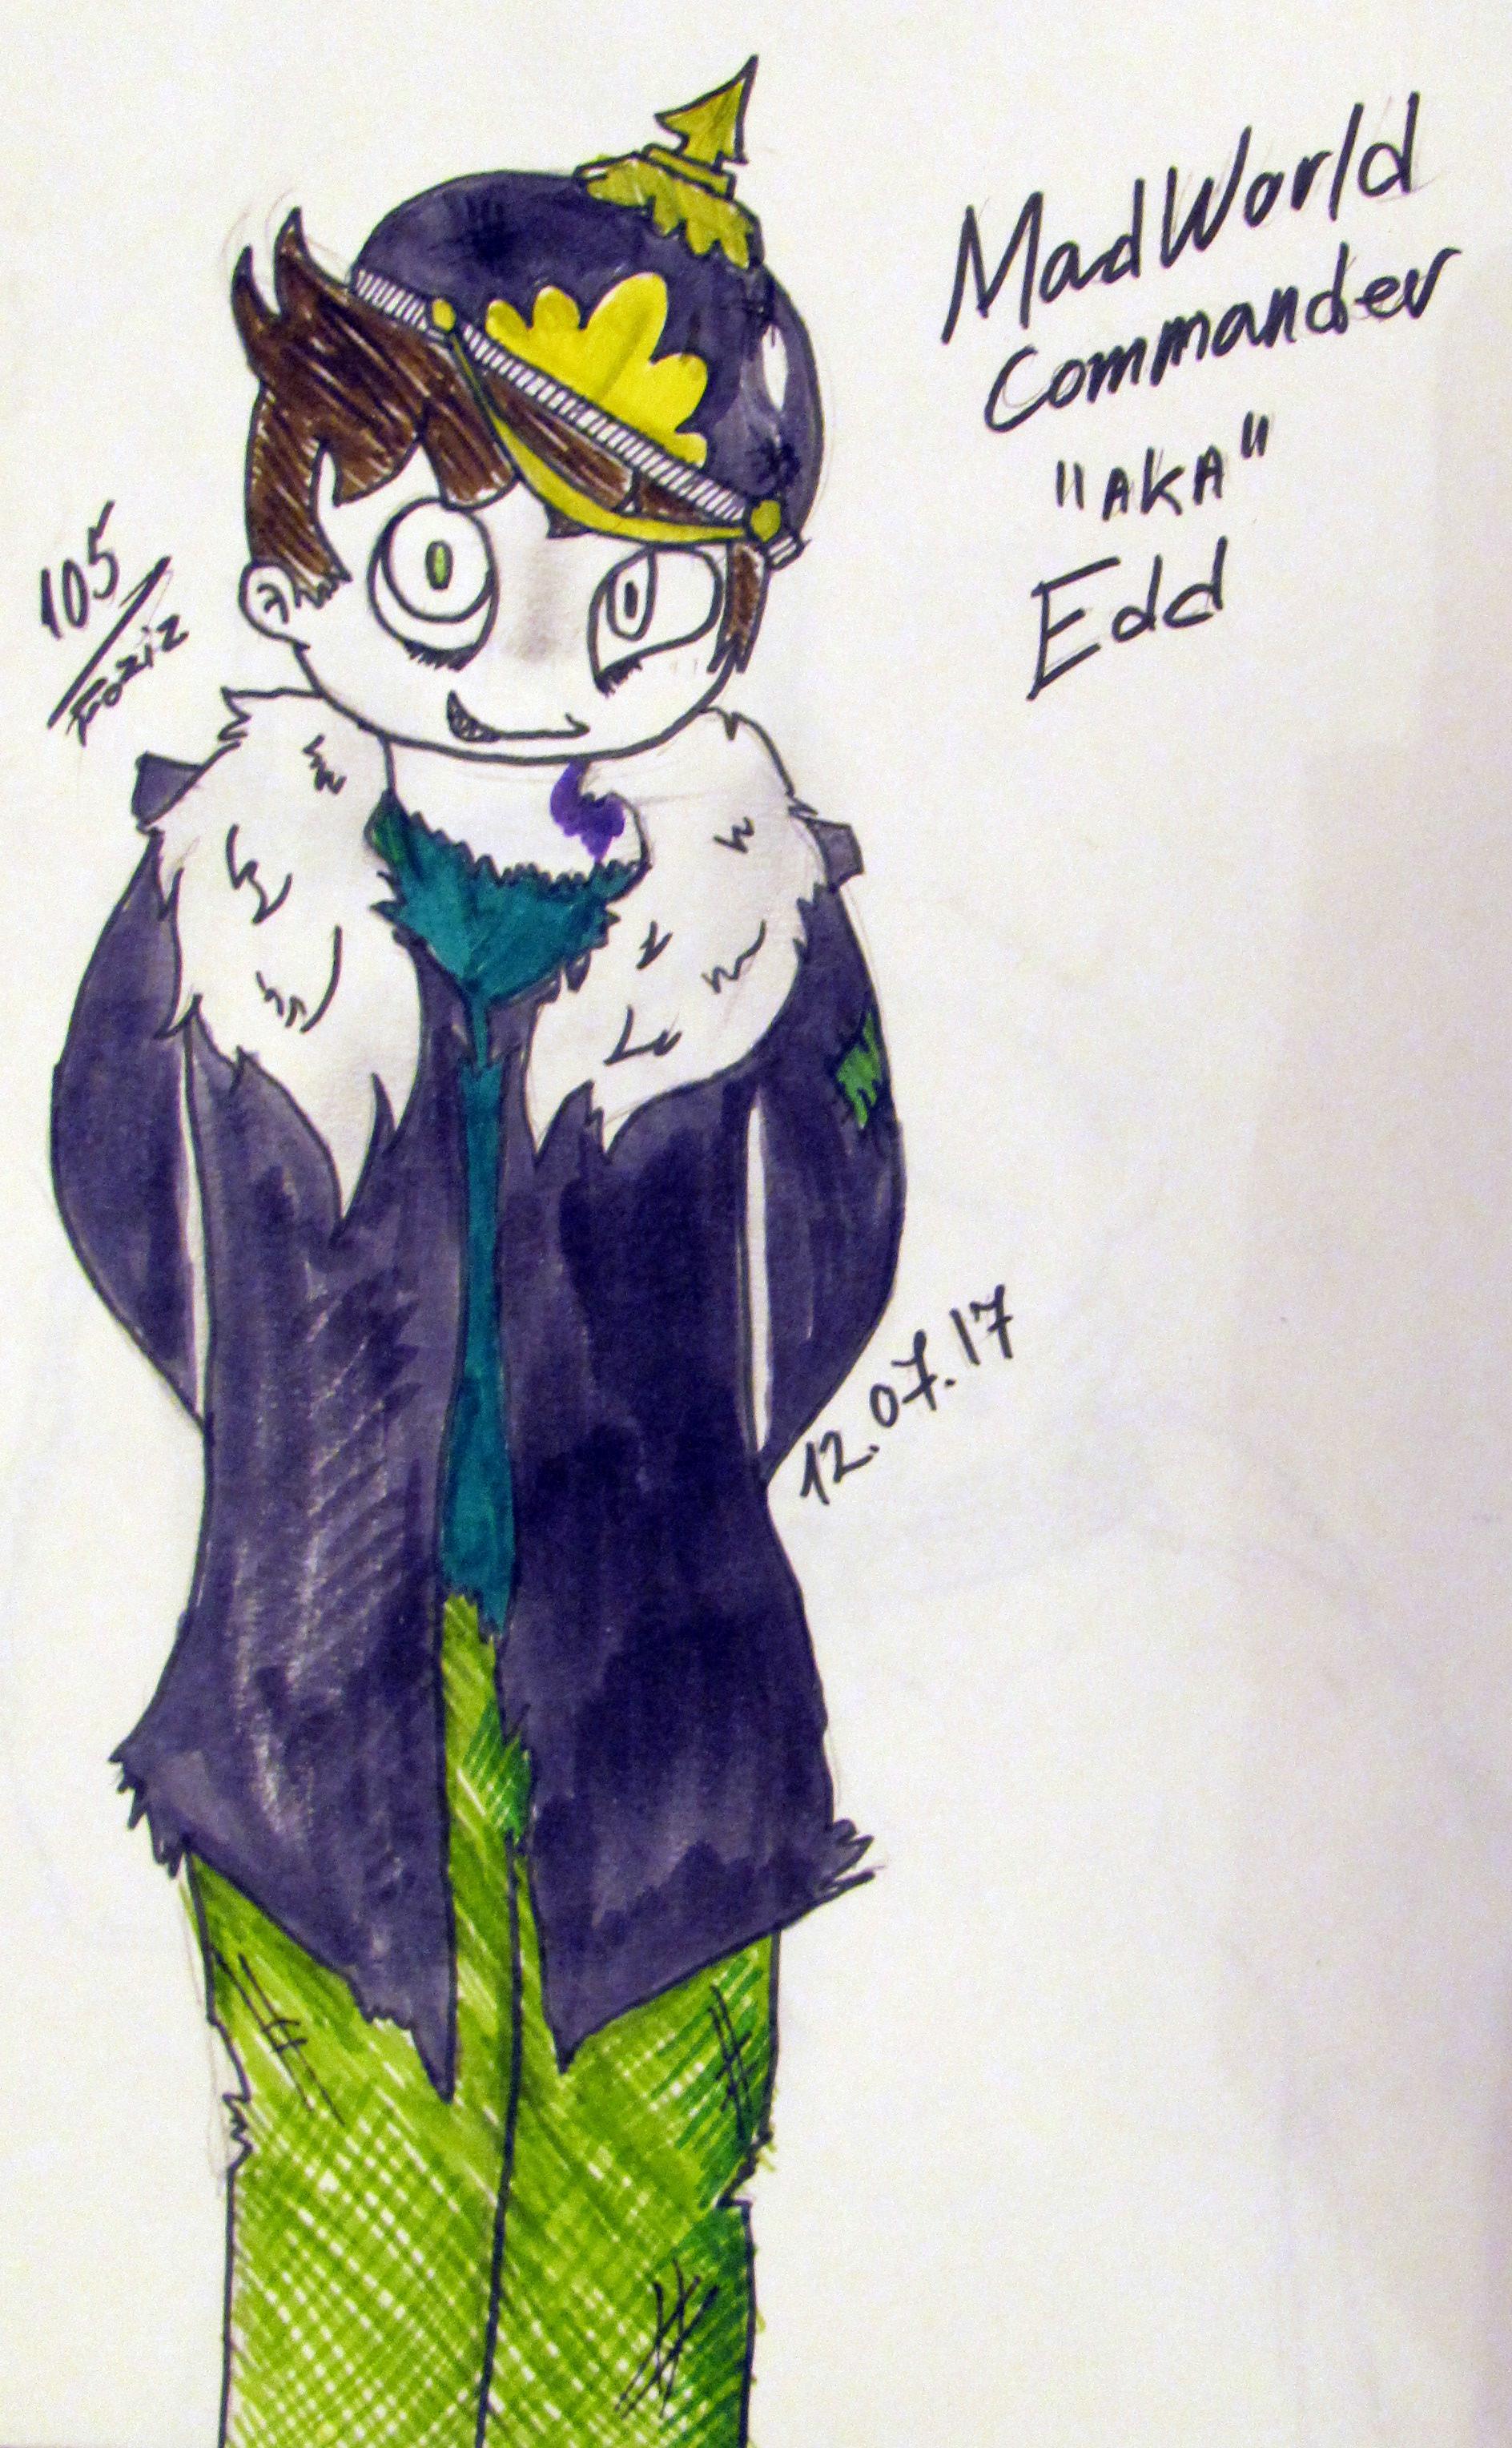 [MW] Edd 'aka' Commander by Foziz105